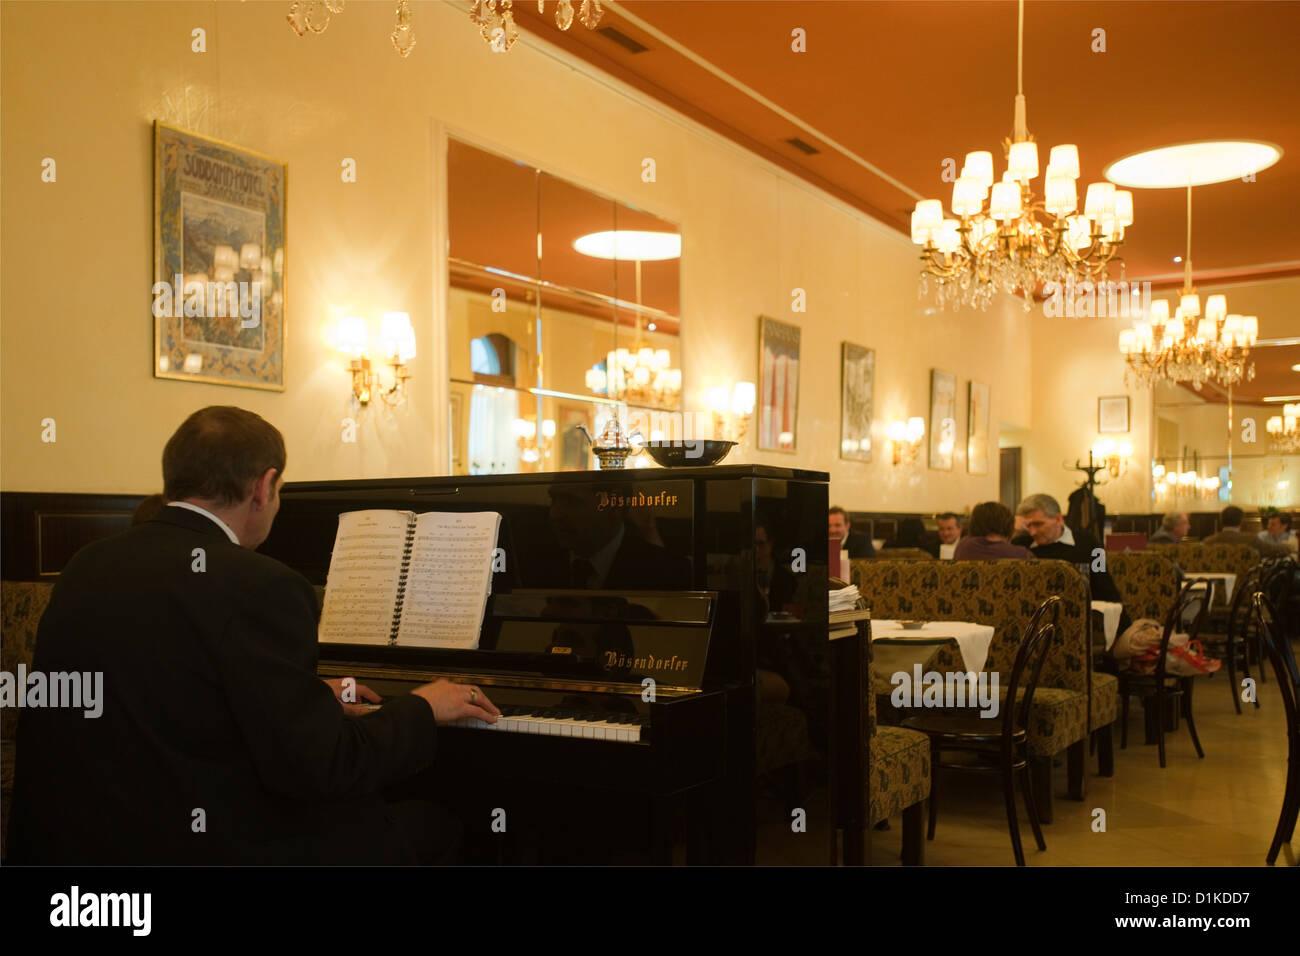 Österrreich, Wien 9, Währinger Straße 68, Cafe Weimar Stock Photo